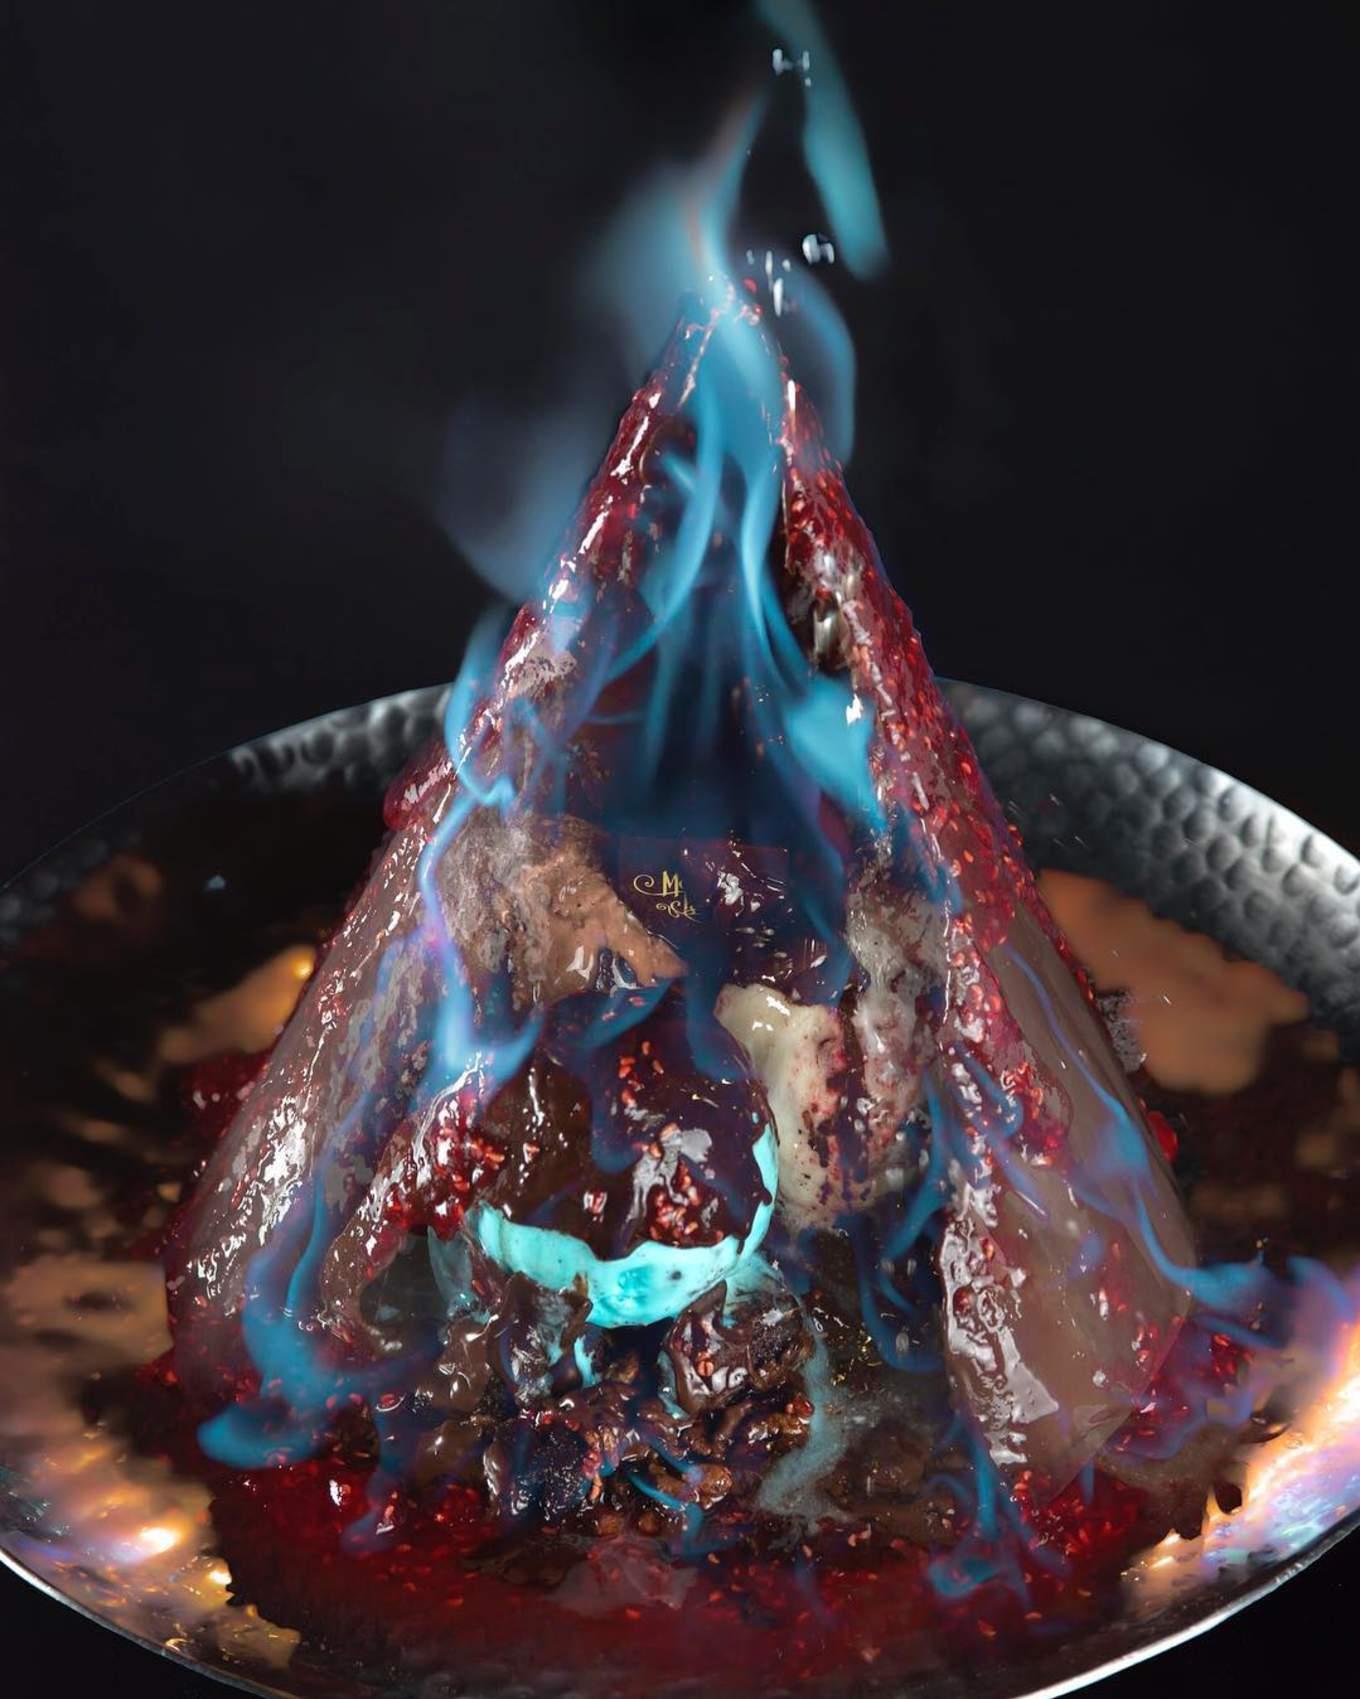 Mocking Tales Cafe Flaming dessert